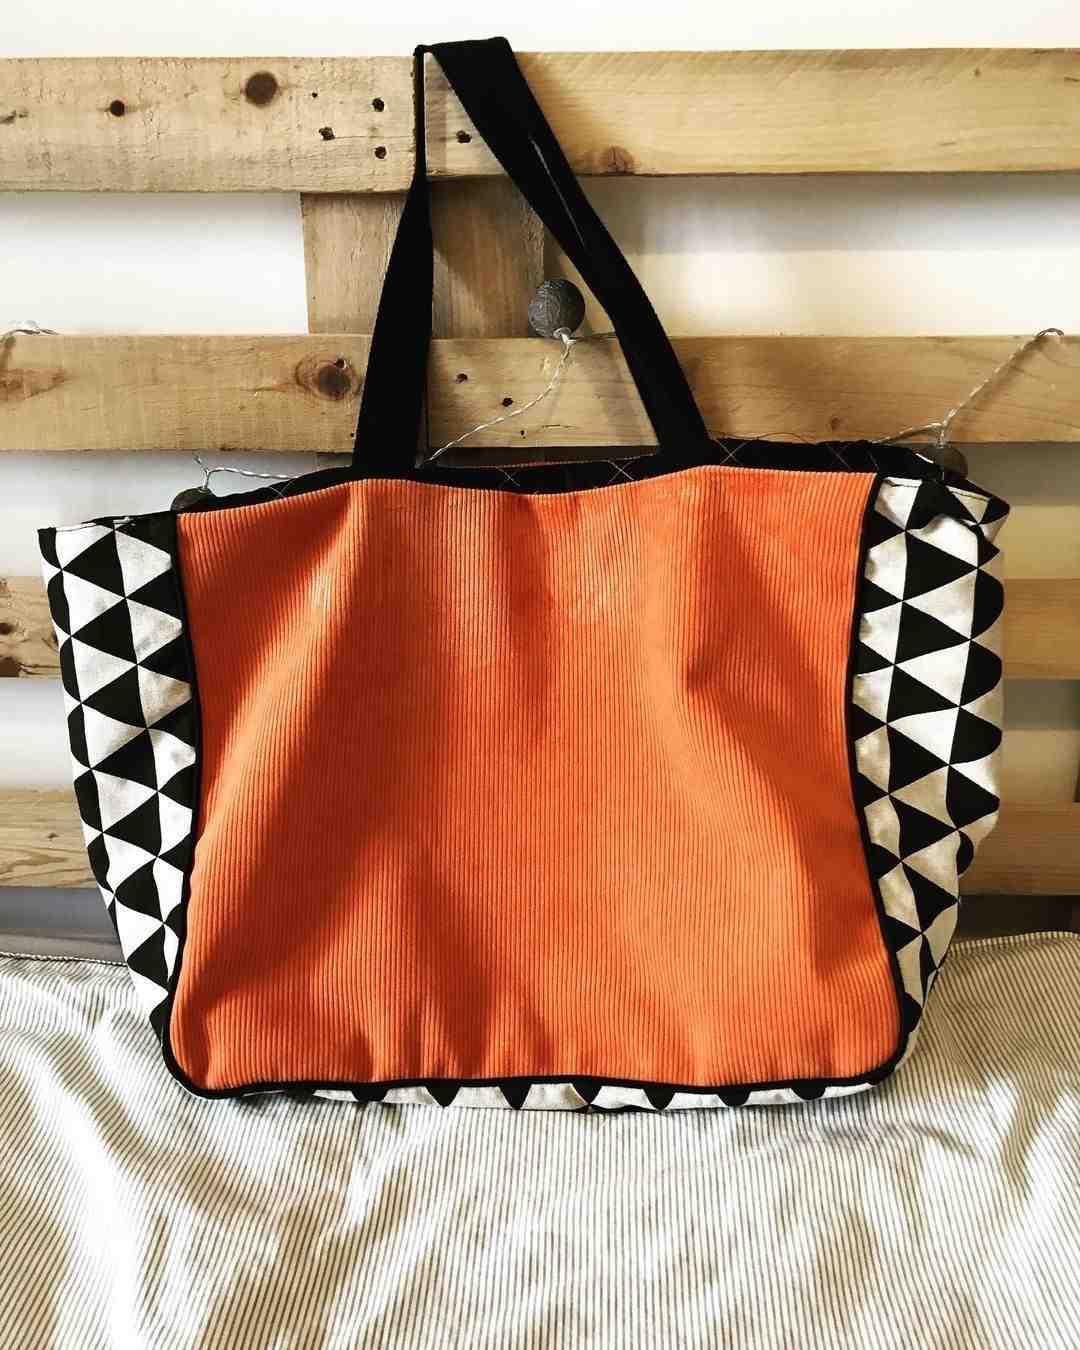 Quel matériau pour fabriquer un sac?